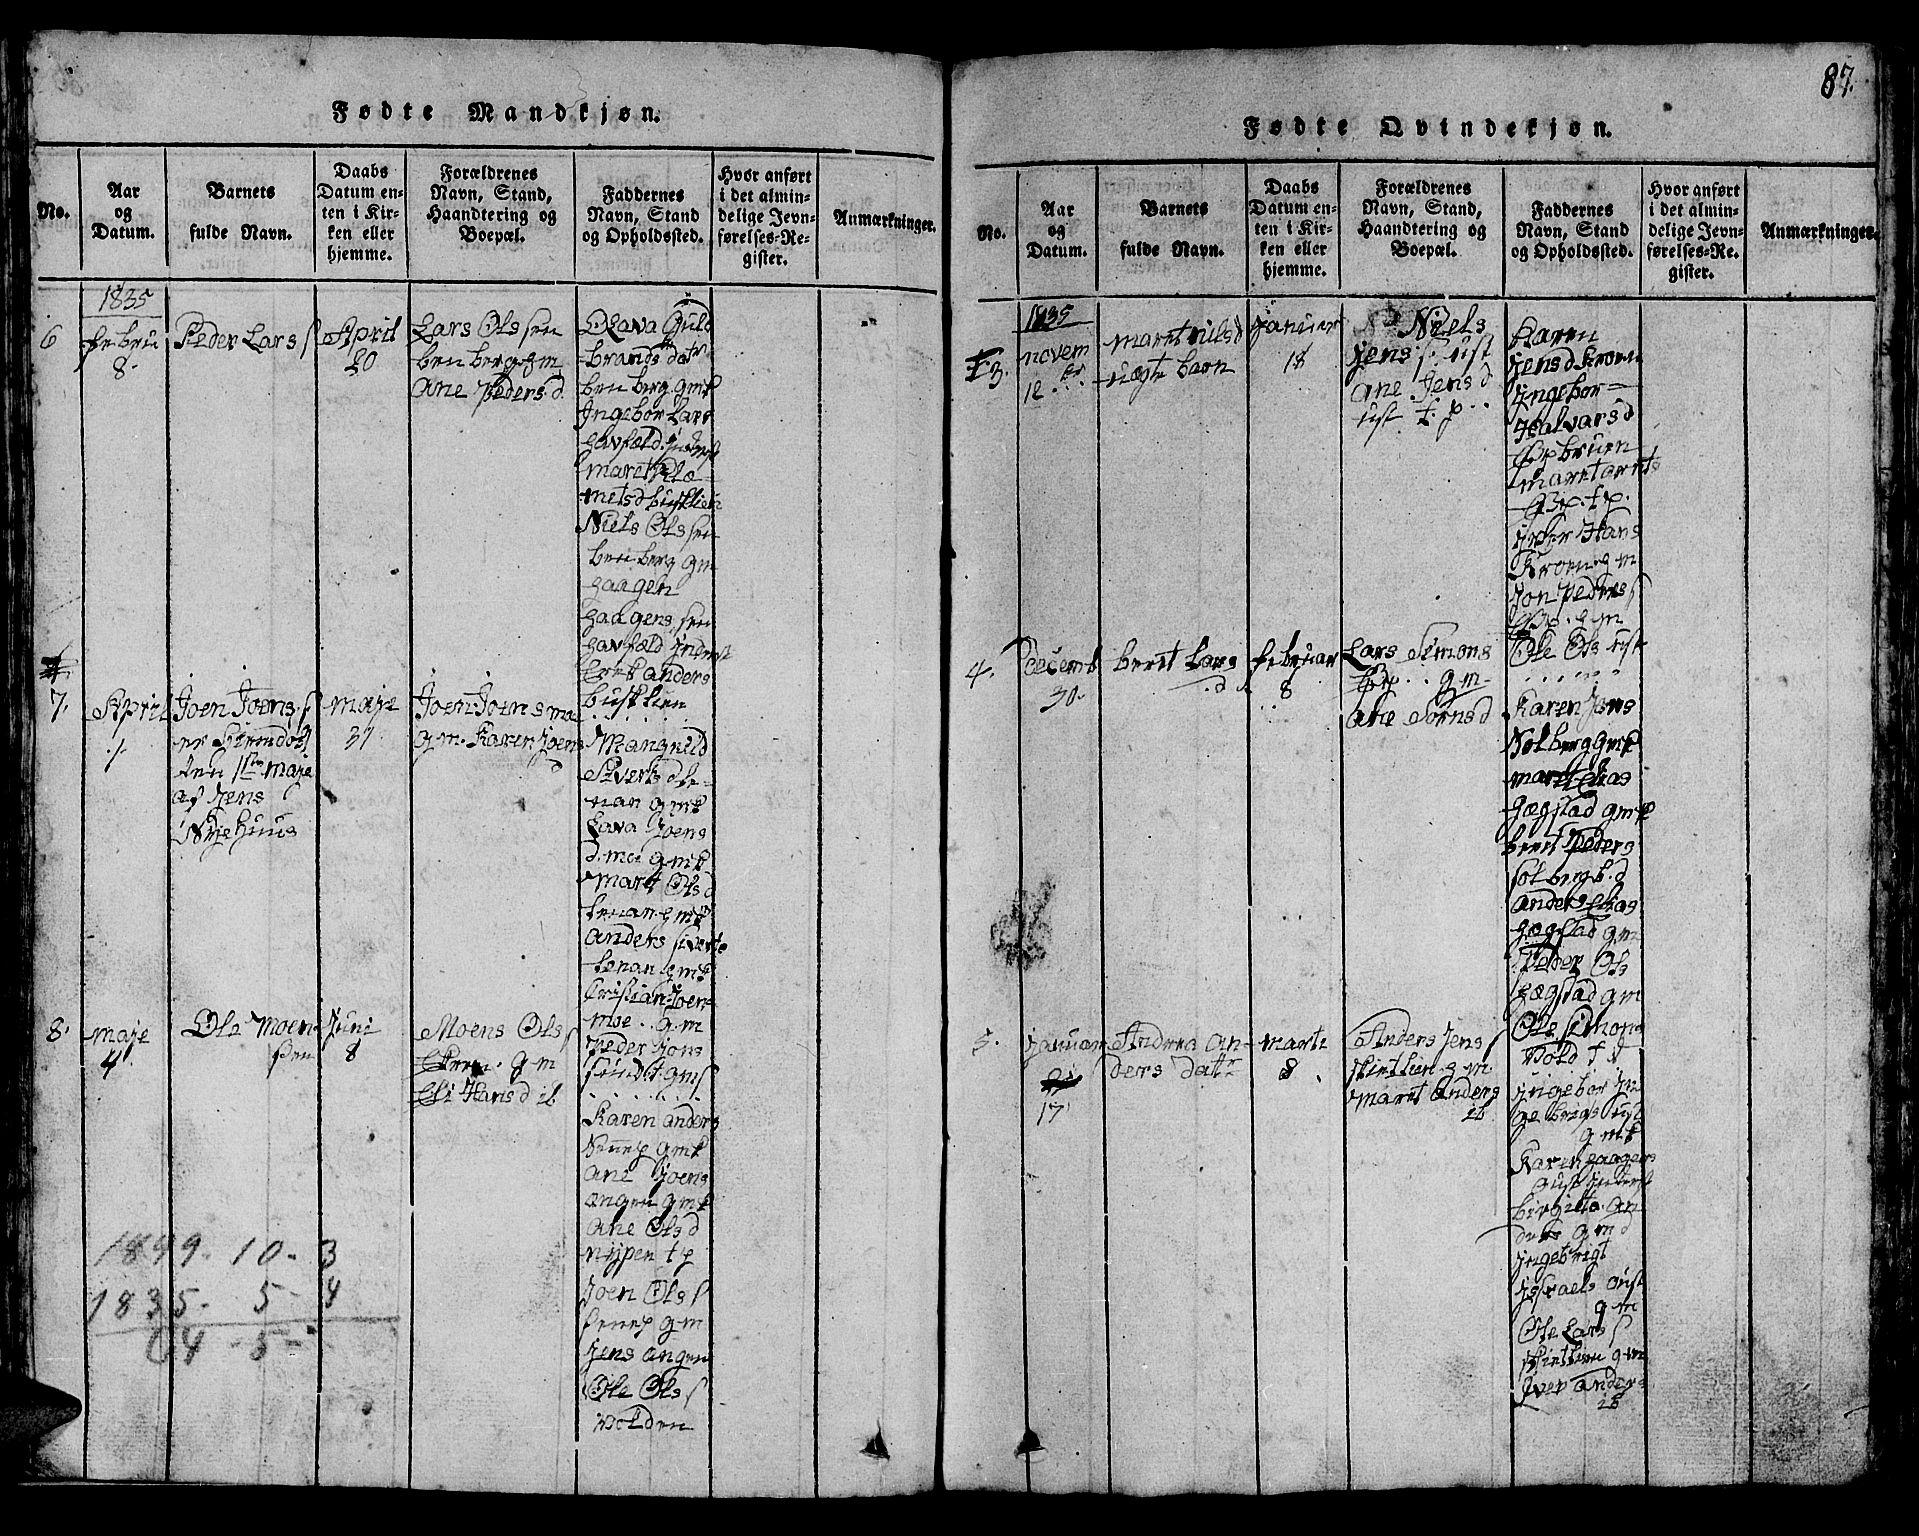 SAT, Ministerialprotokoller, klokkerbøker og fødselsregistre - Sør-Trøndelag, 613/L0393: Klokkerbok nr. 613C01, 1816-1886, s. 87